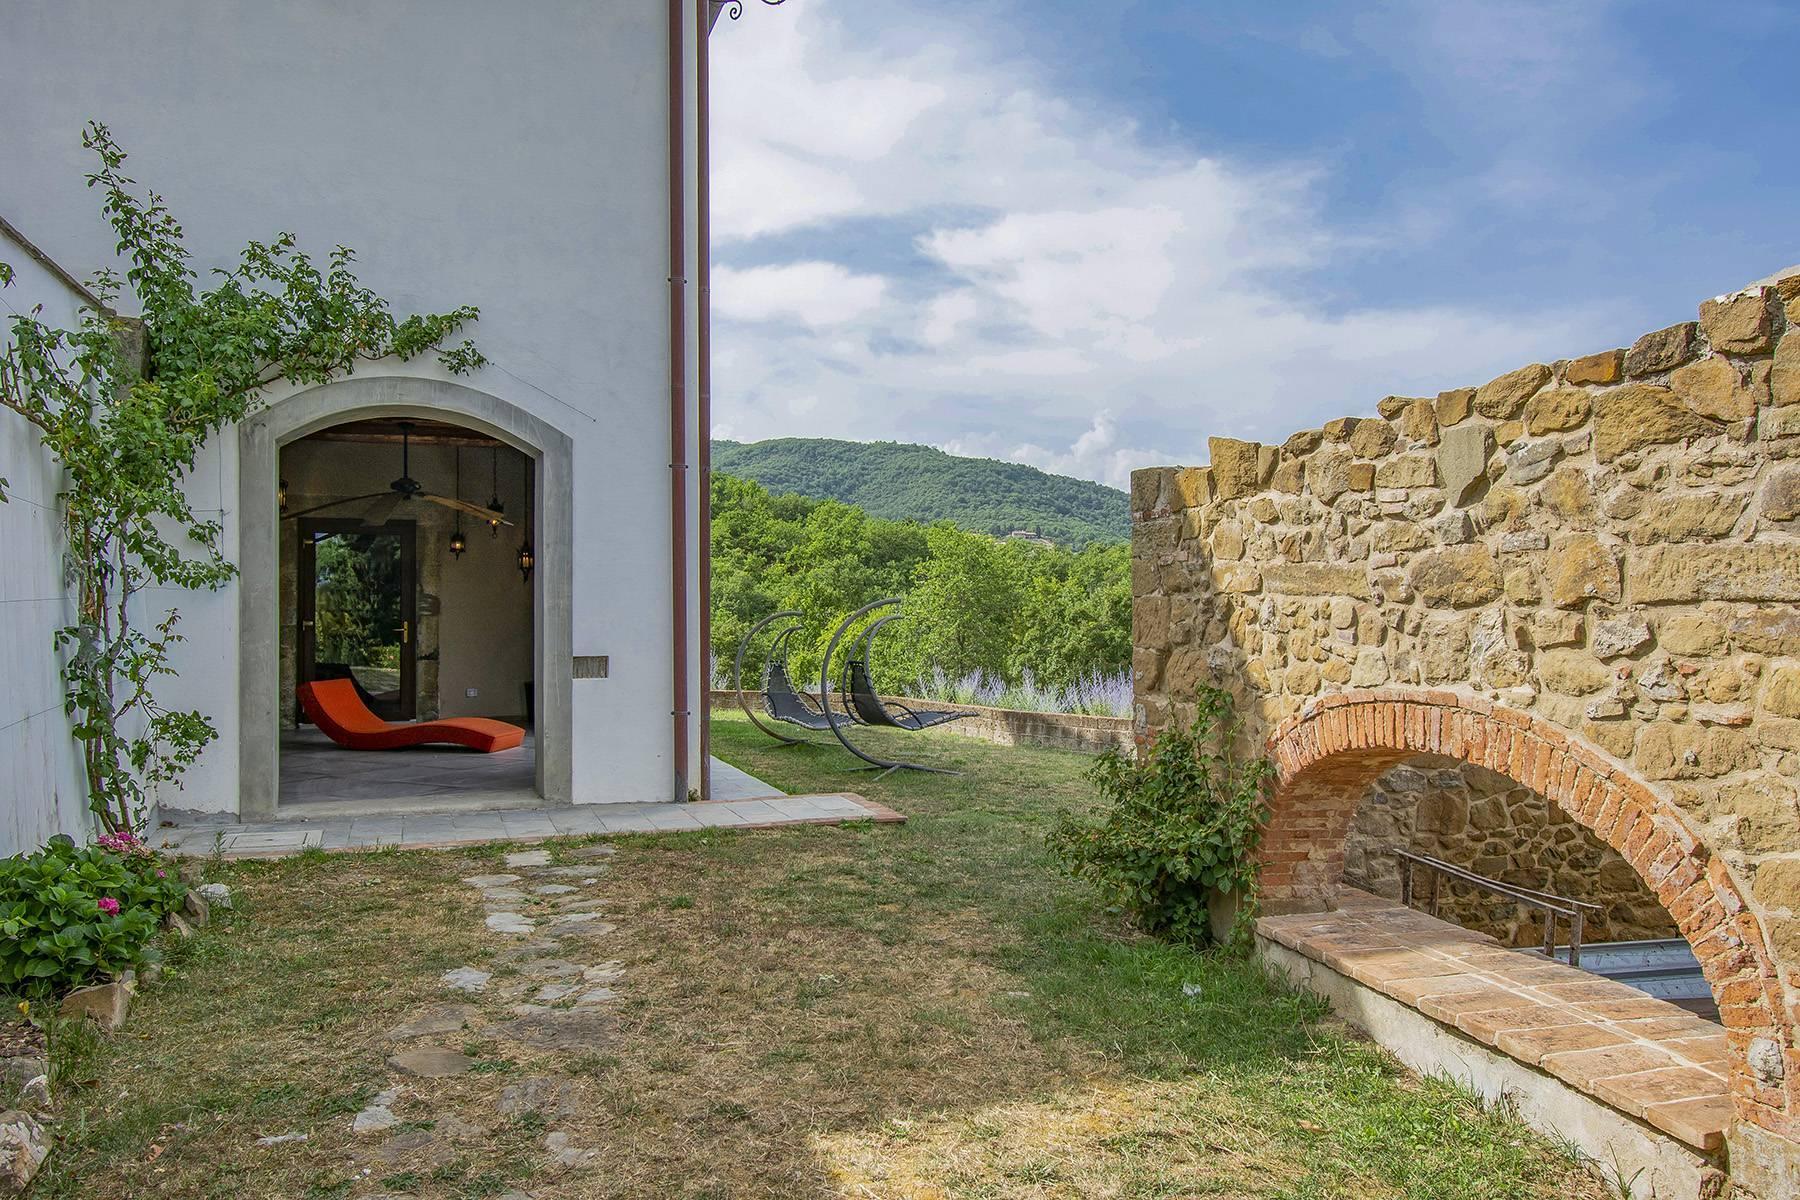 Panorama-Renaissance-Villa mit Garten im italienischen Stil - 27